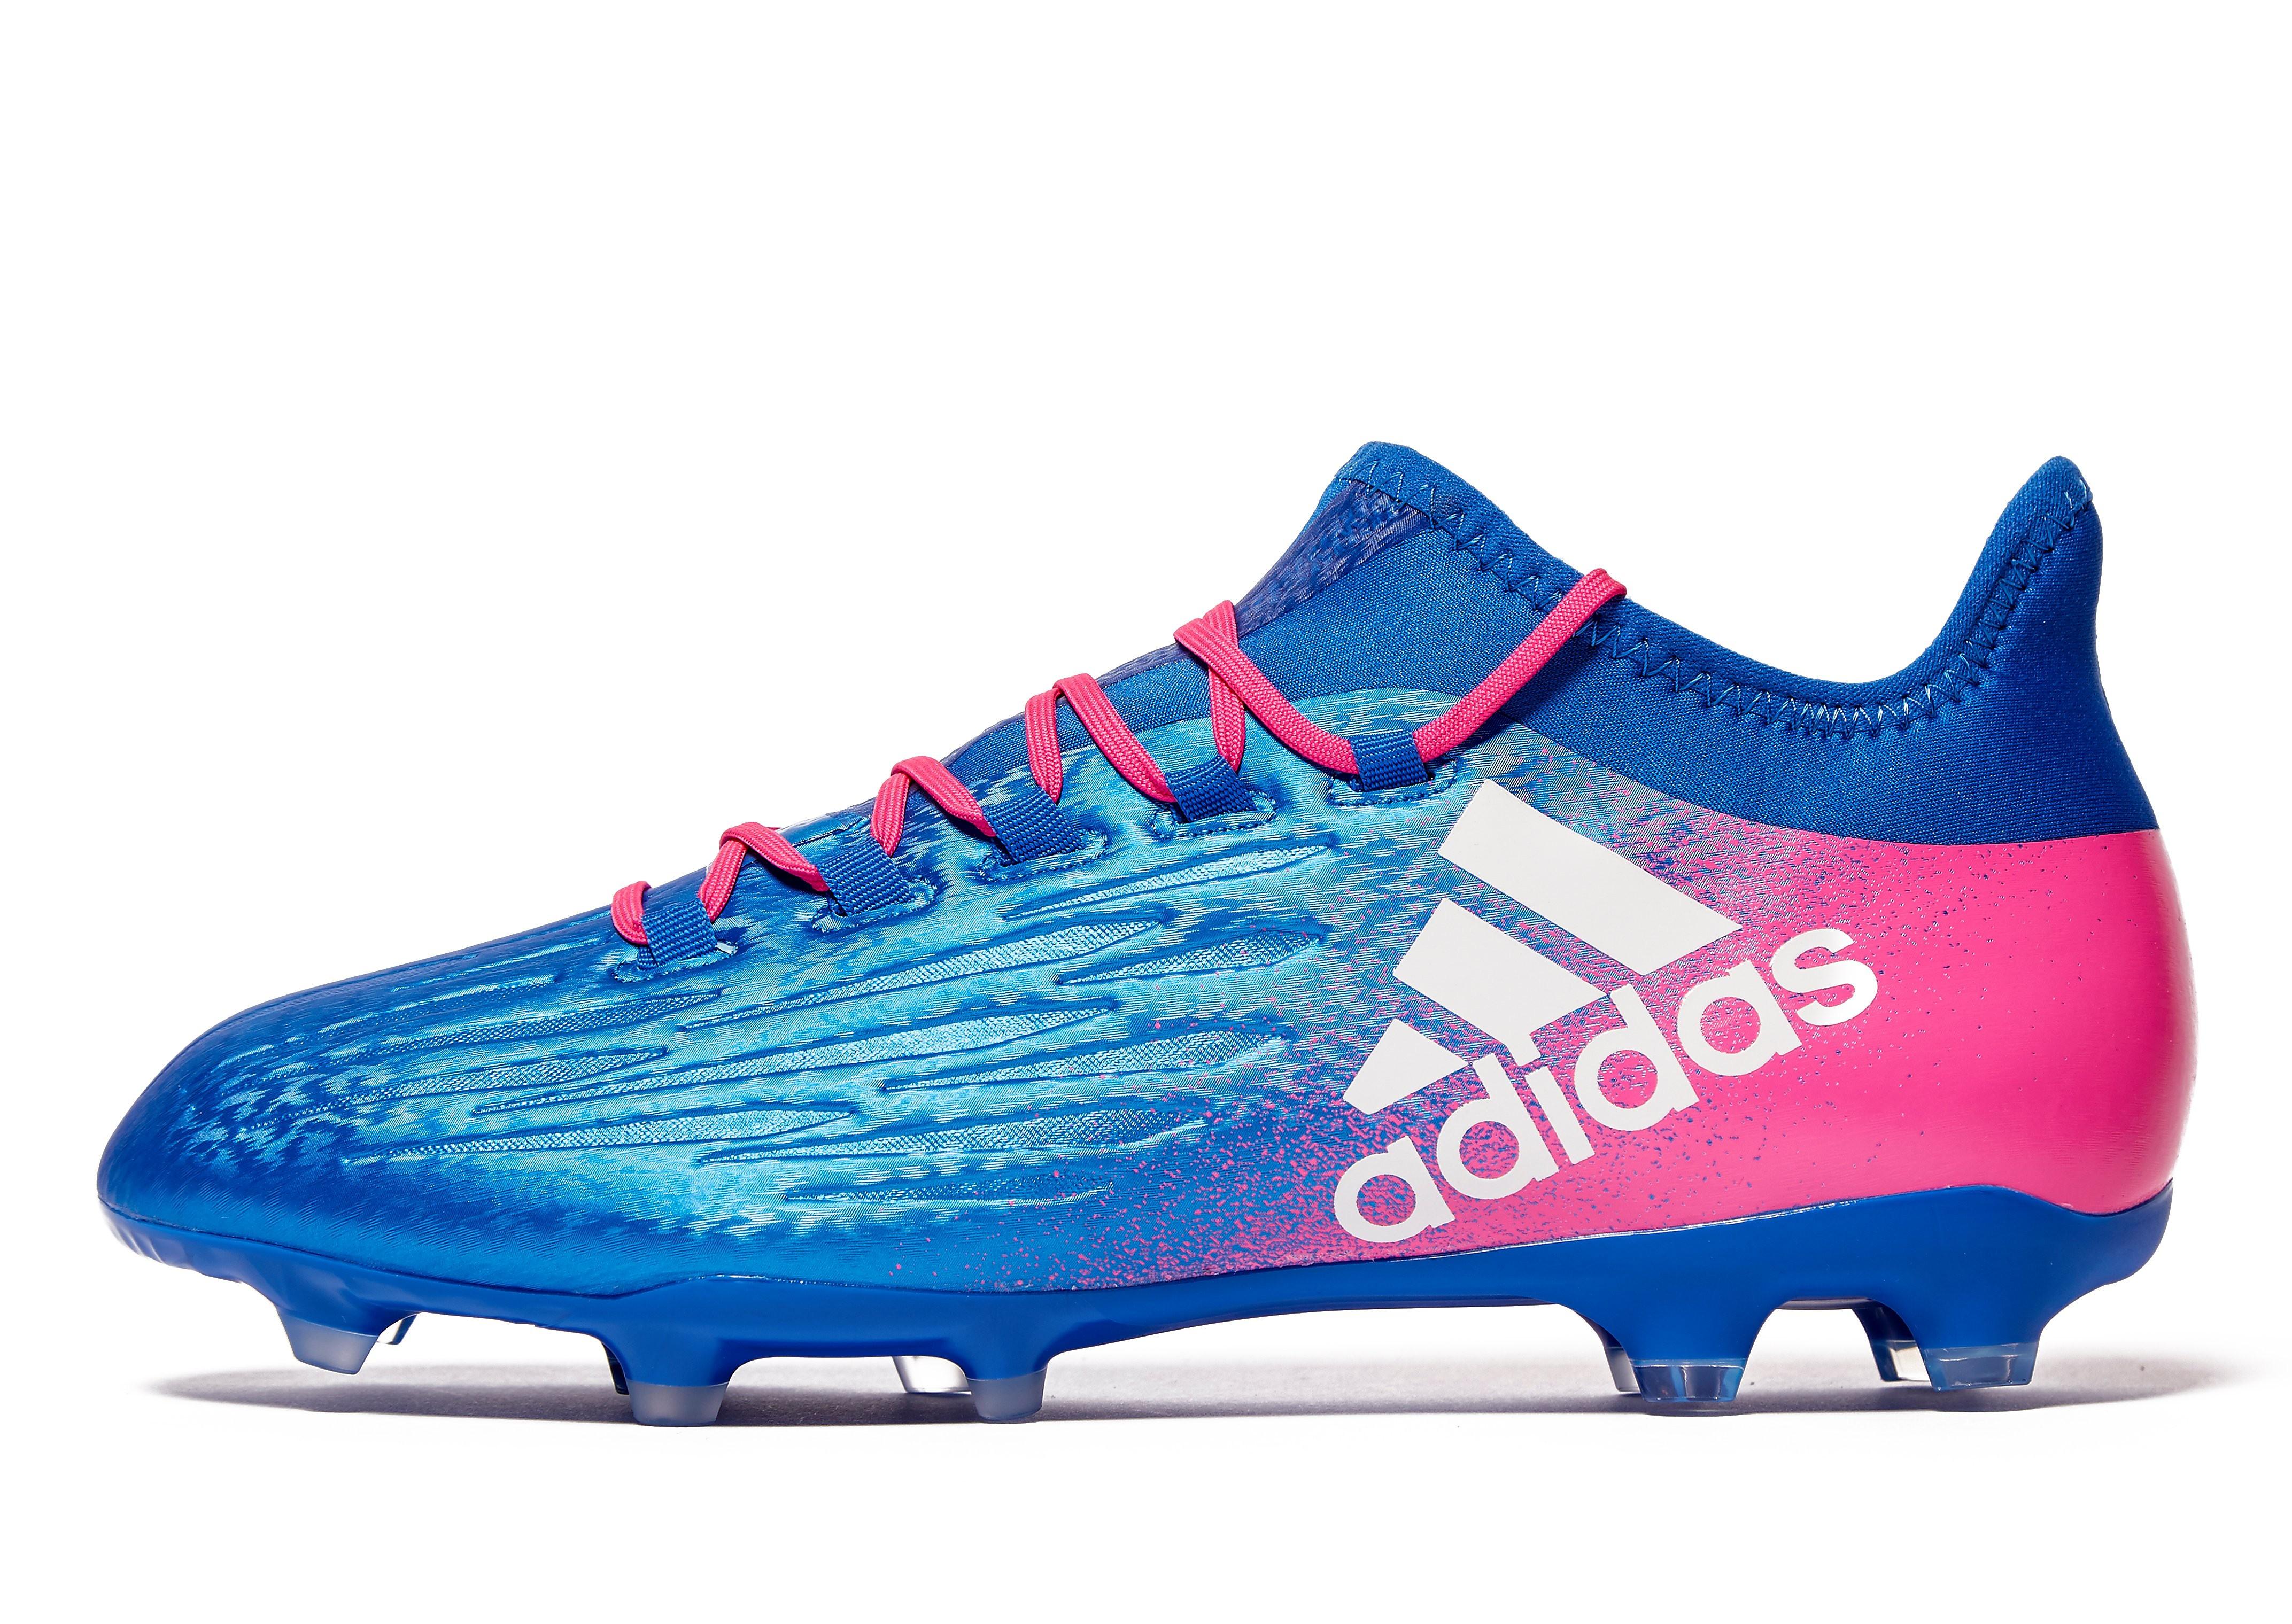 adidas Blue Blast X 16.2 FG